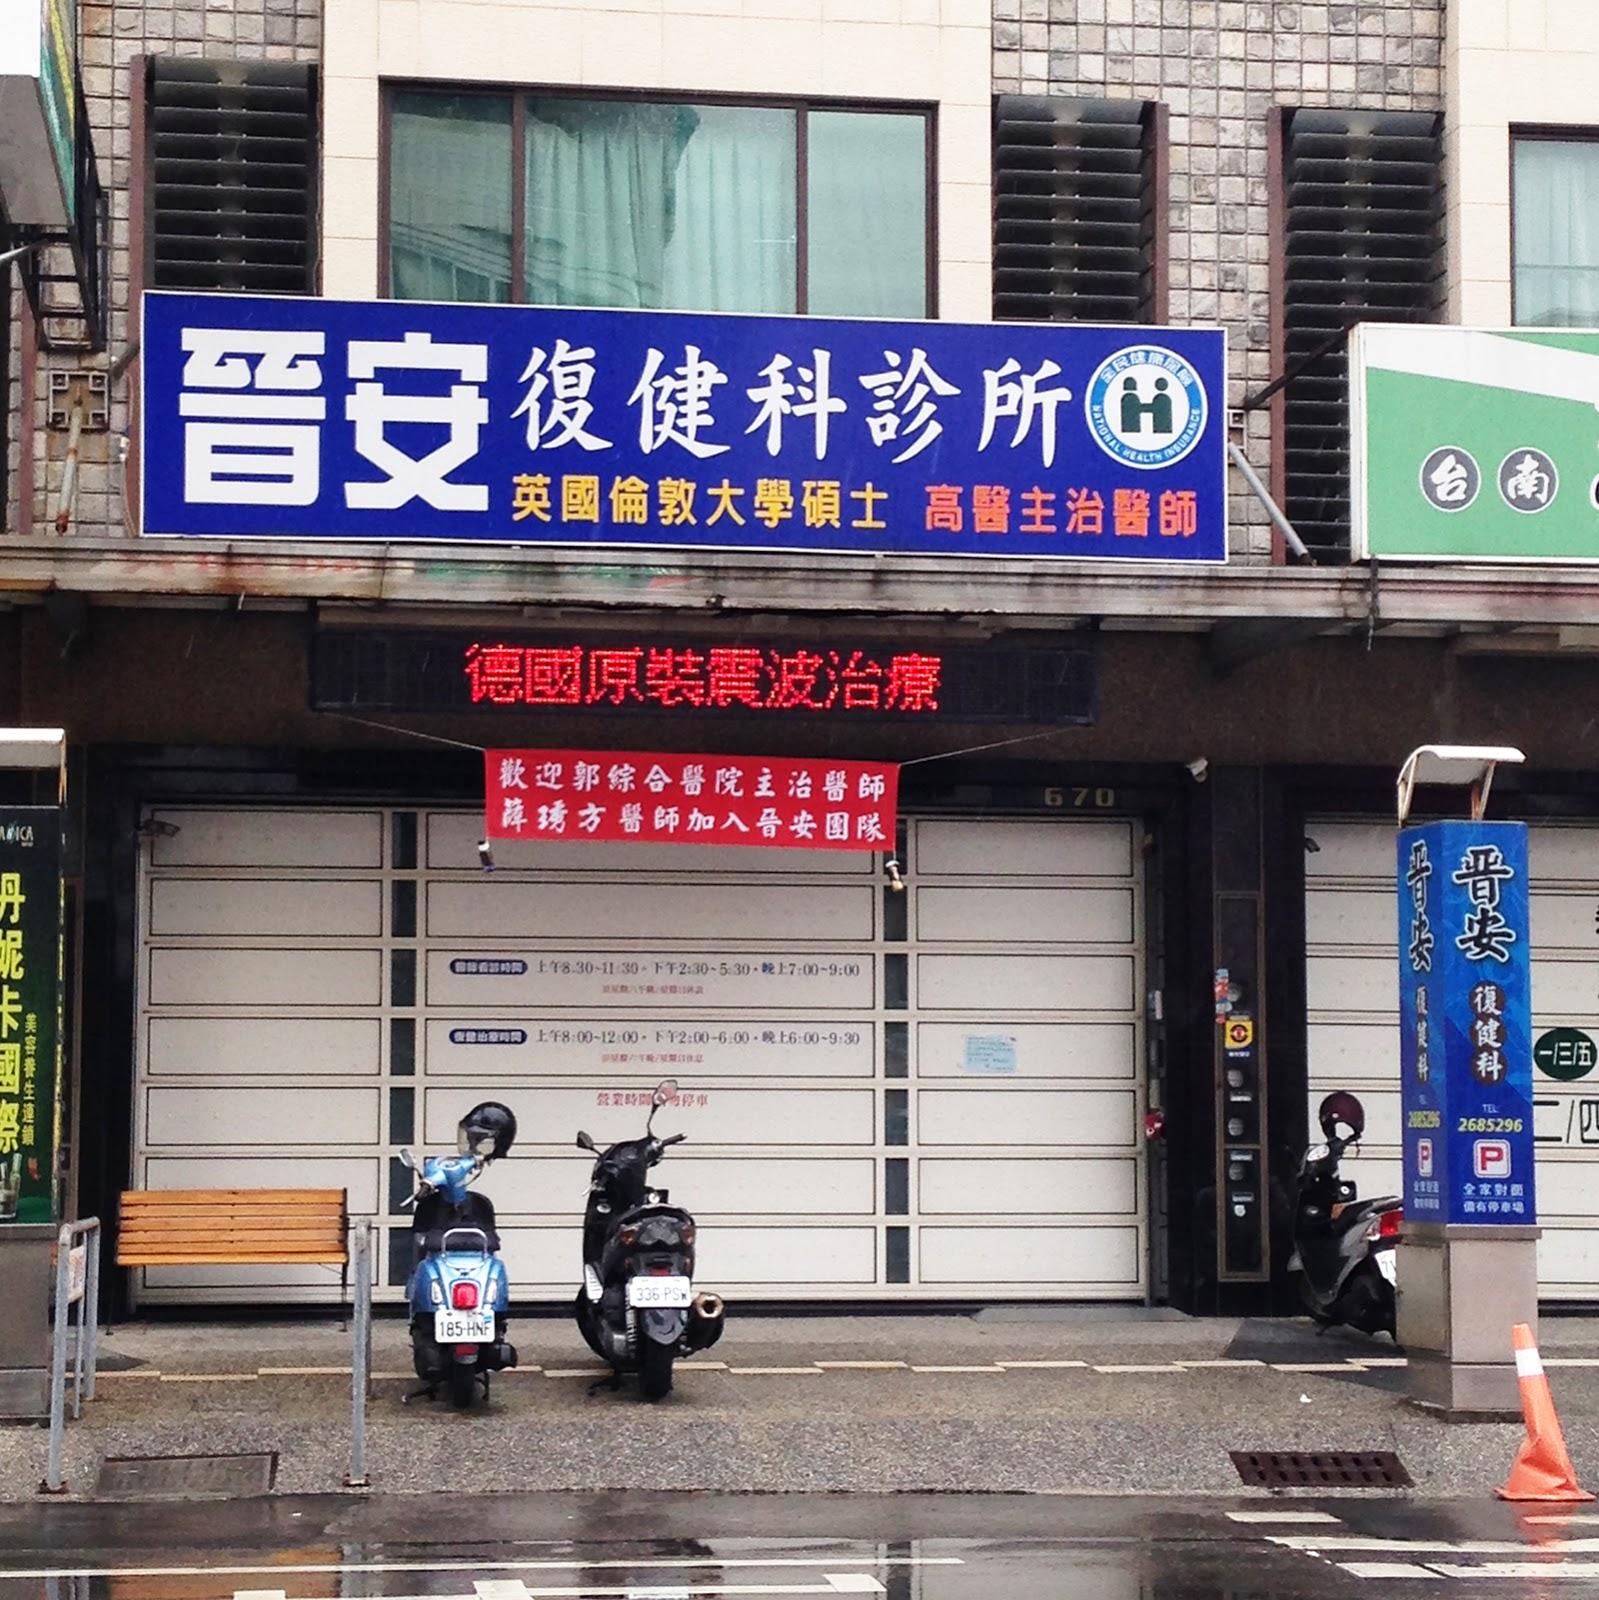 臺南晉安復健科診所 (臺南市東區)